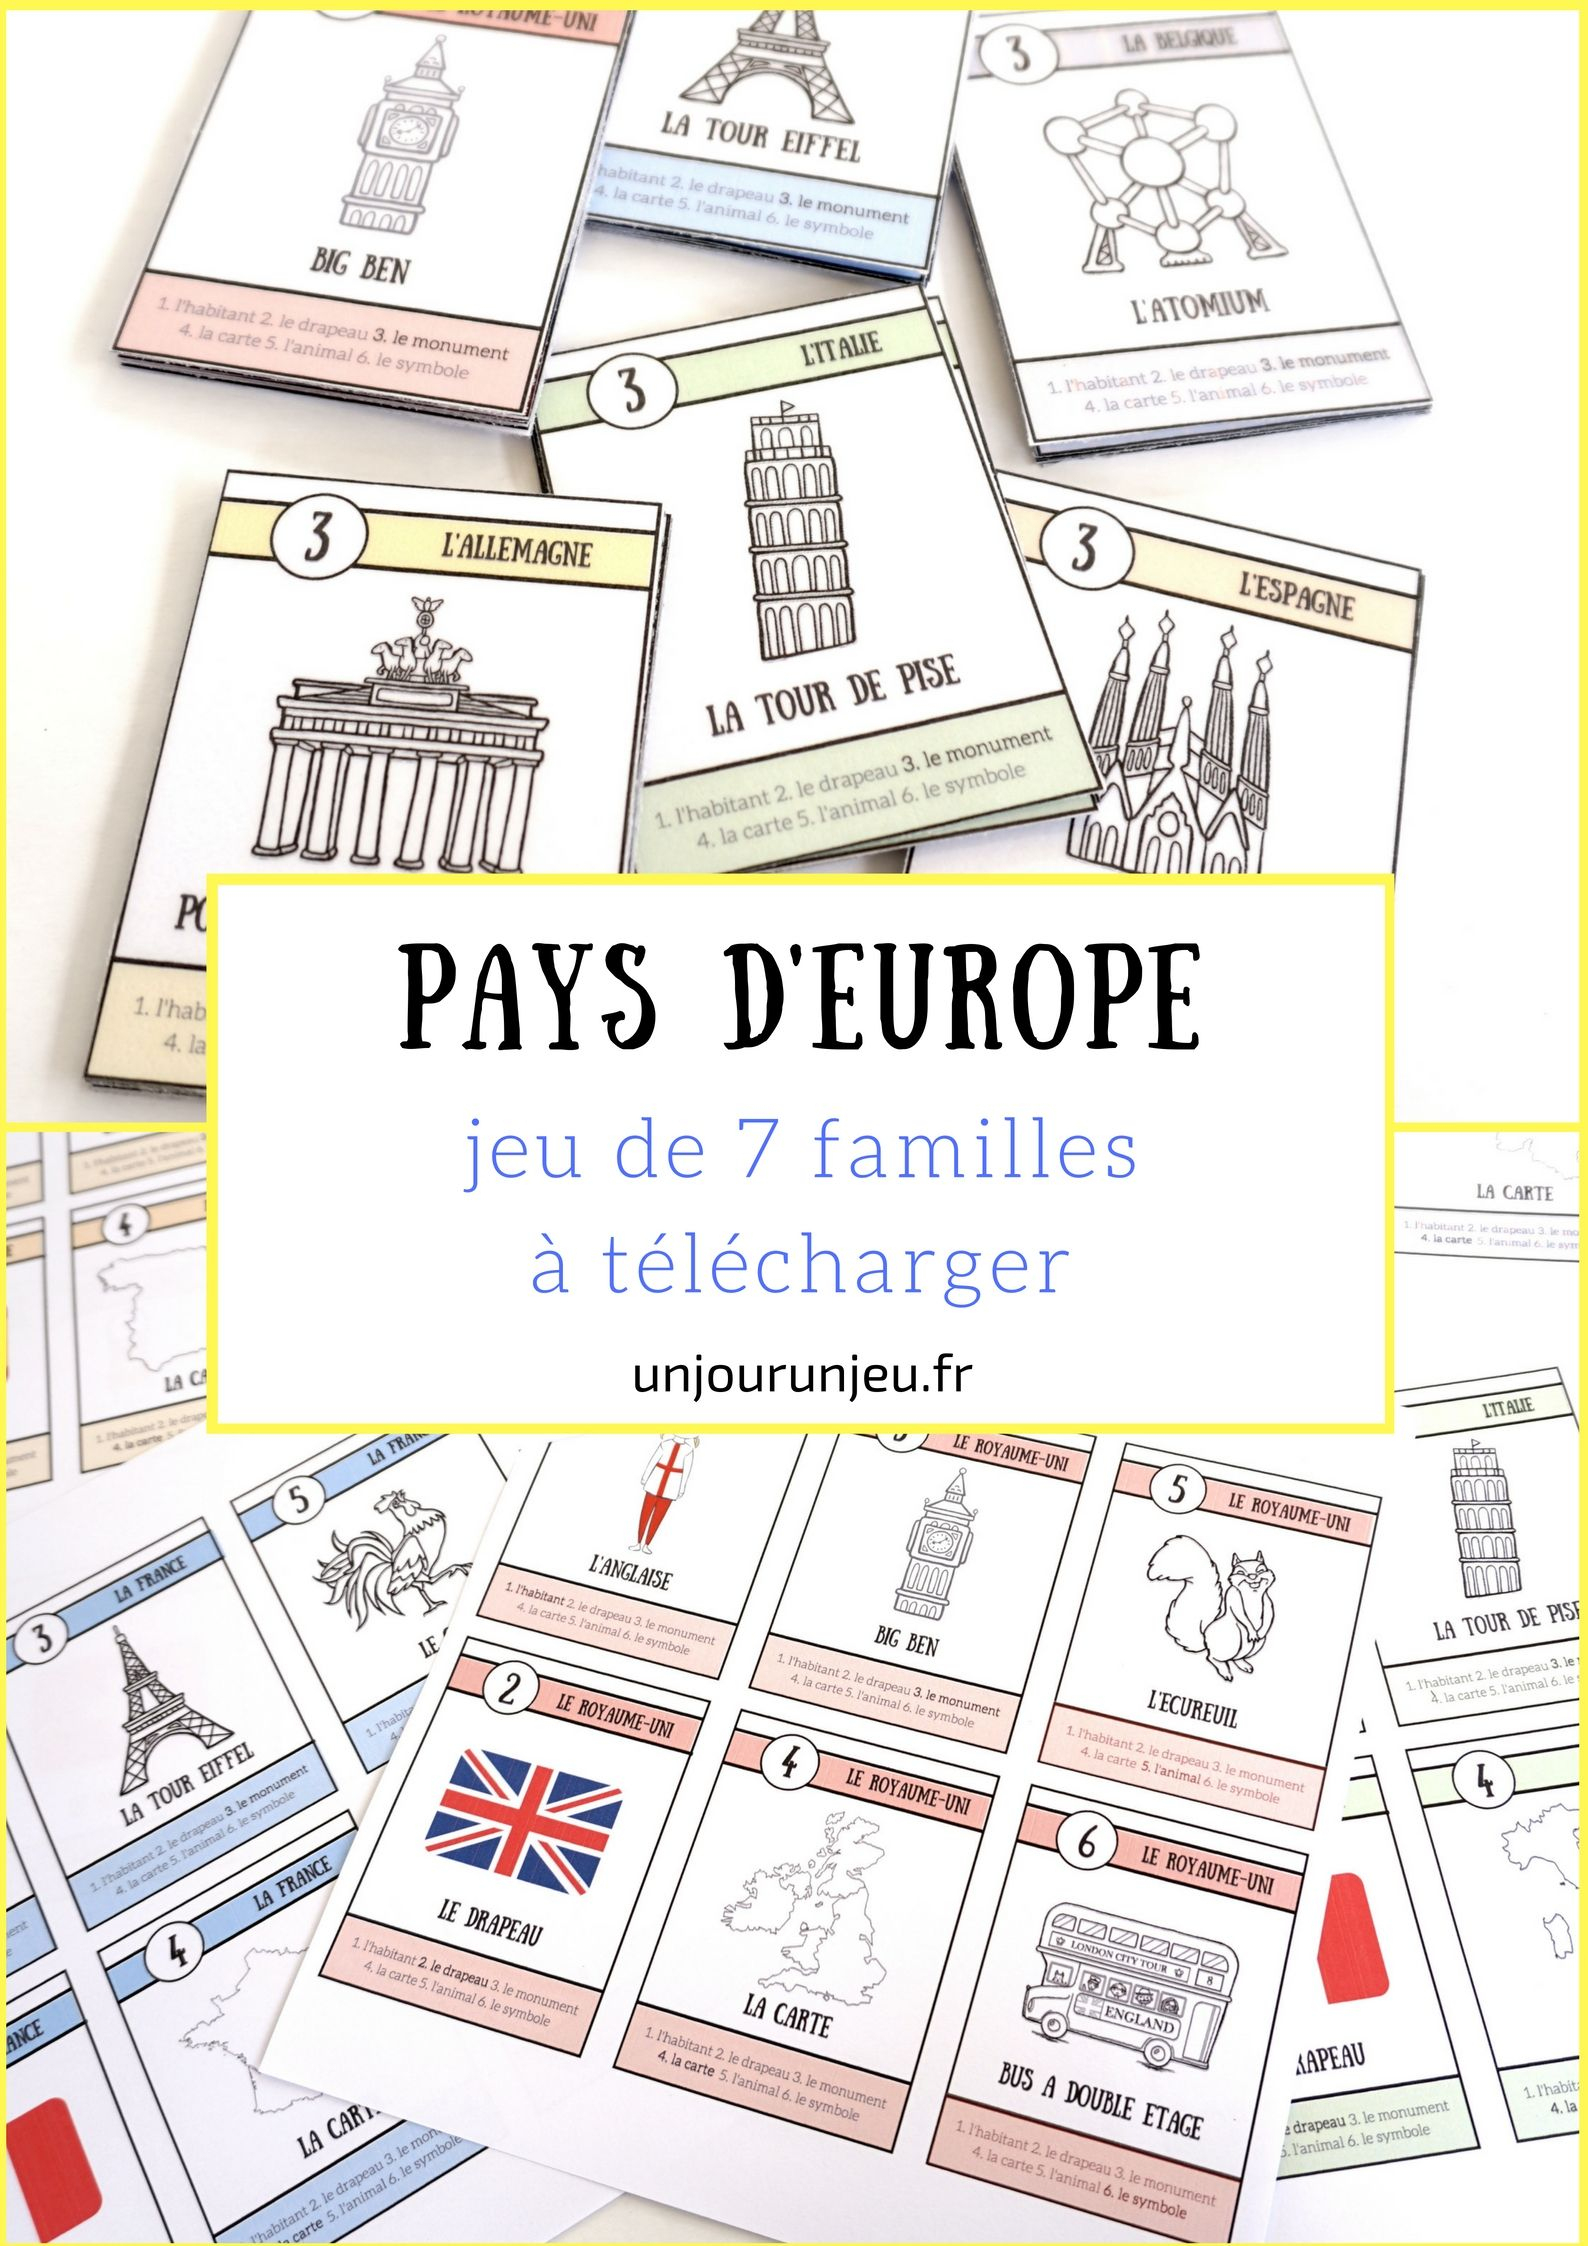 Pays D'europe : Le Jeu De 7 Familles À Télécharger encequiconcerne Jeux De Cartes À Télécharger Gratuitement